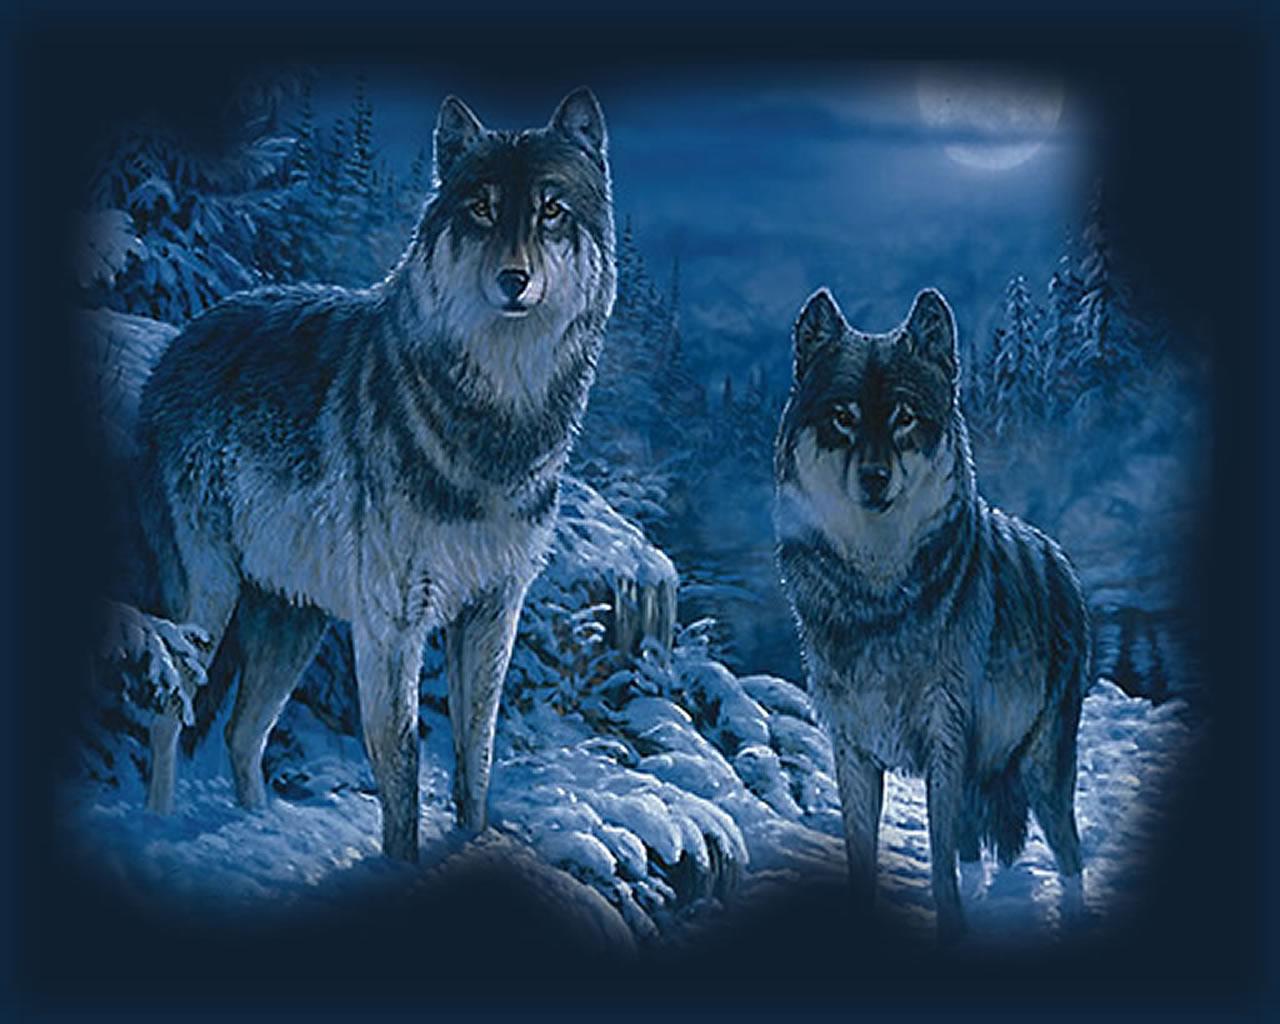 download wallpaper: wolven in de sneeuw wallpaper